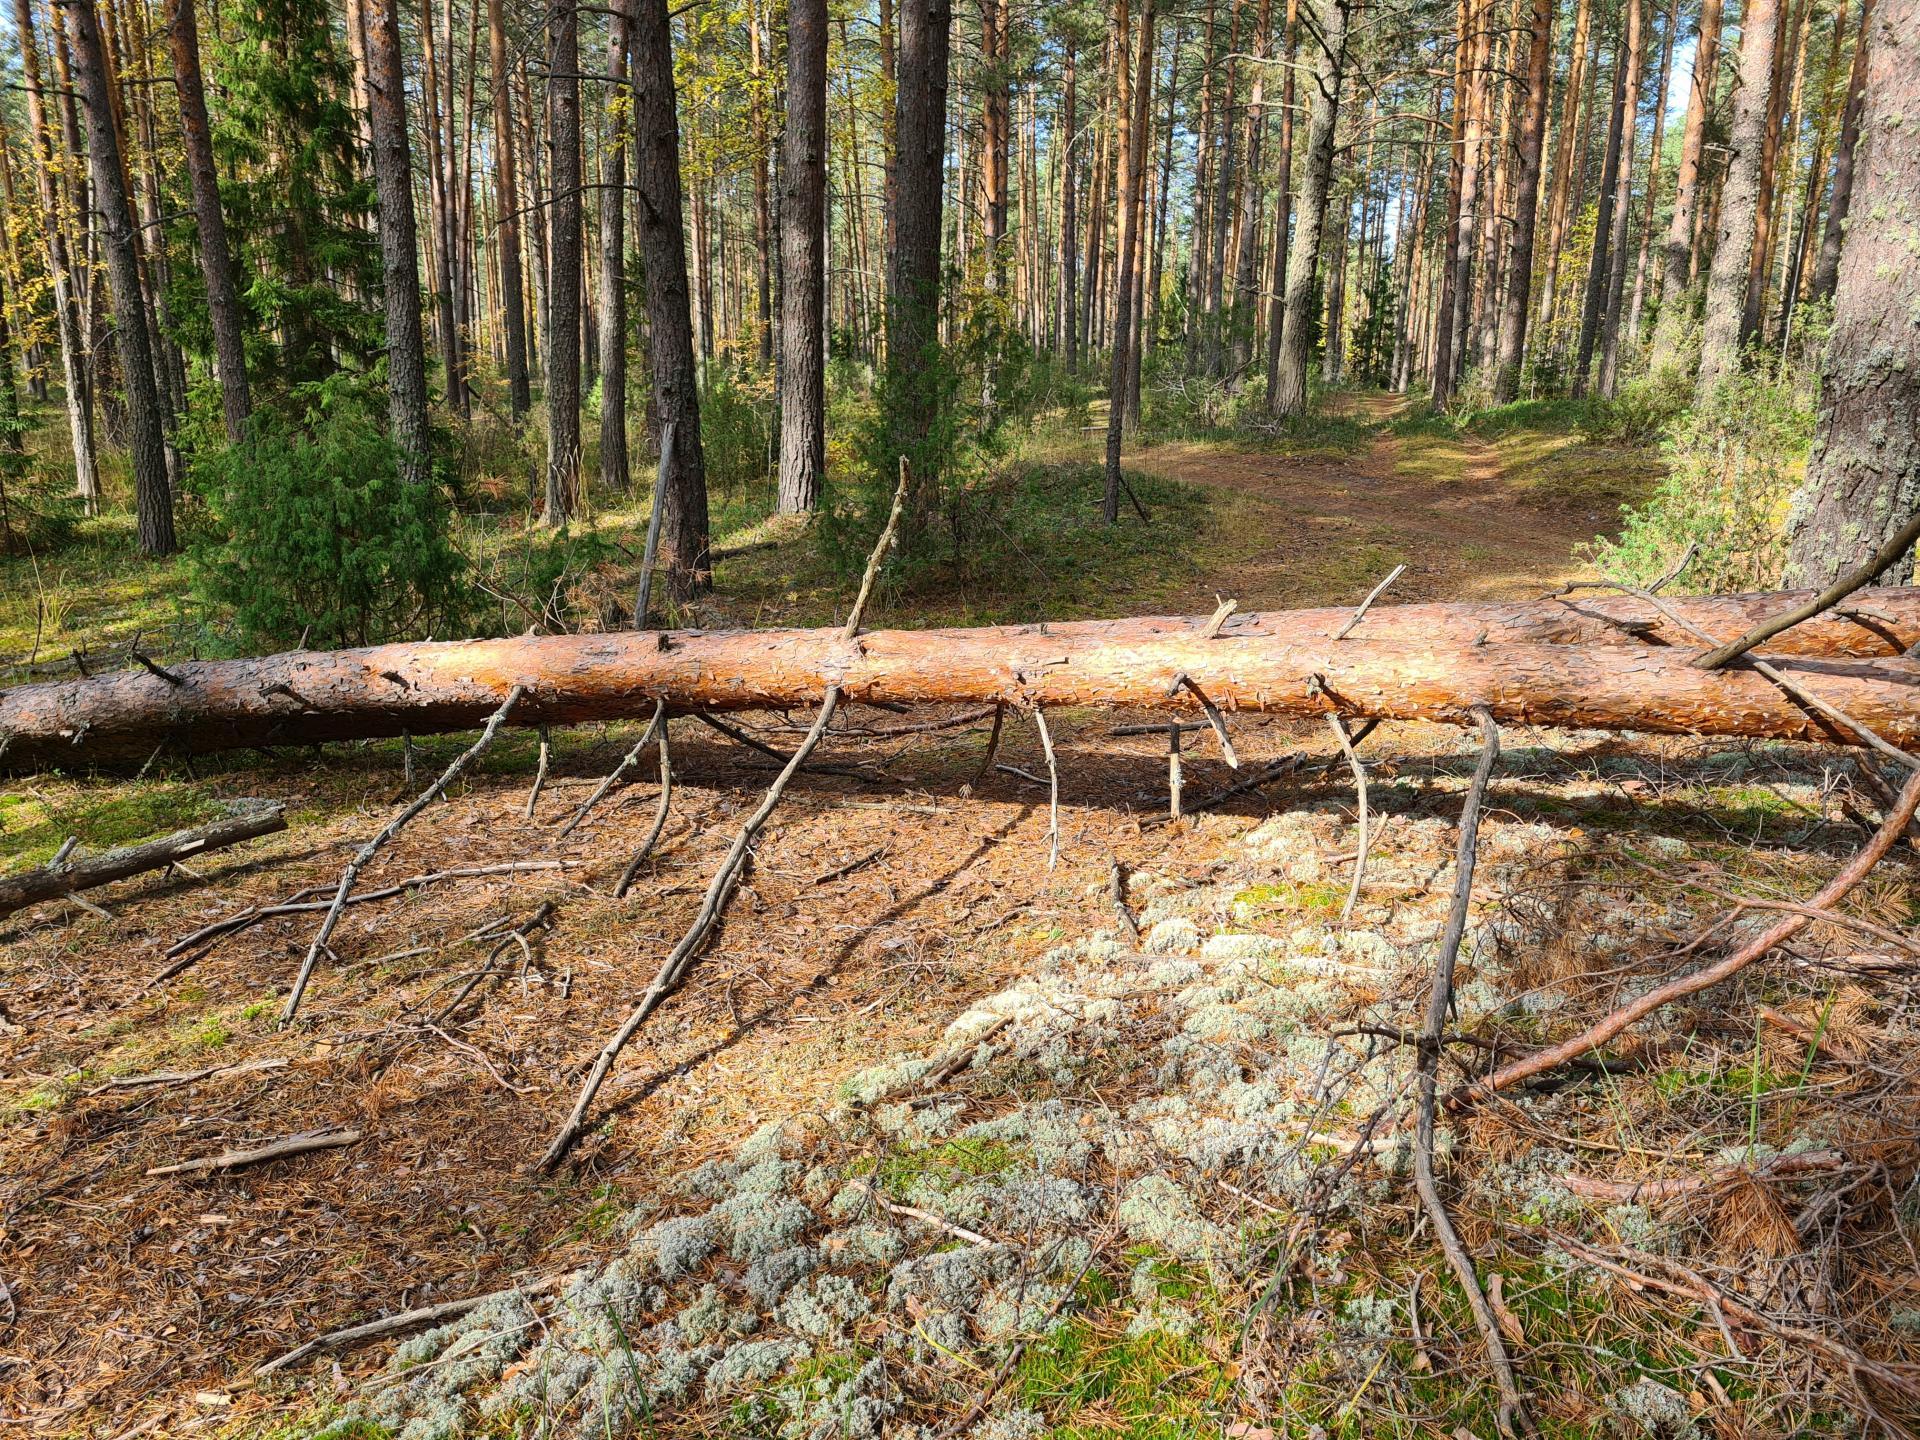 дерево перегородило дорогу